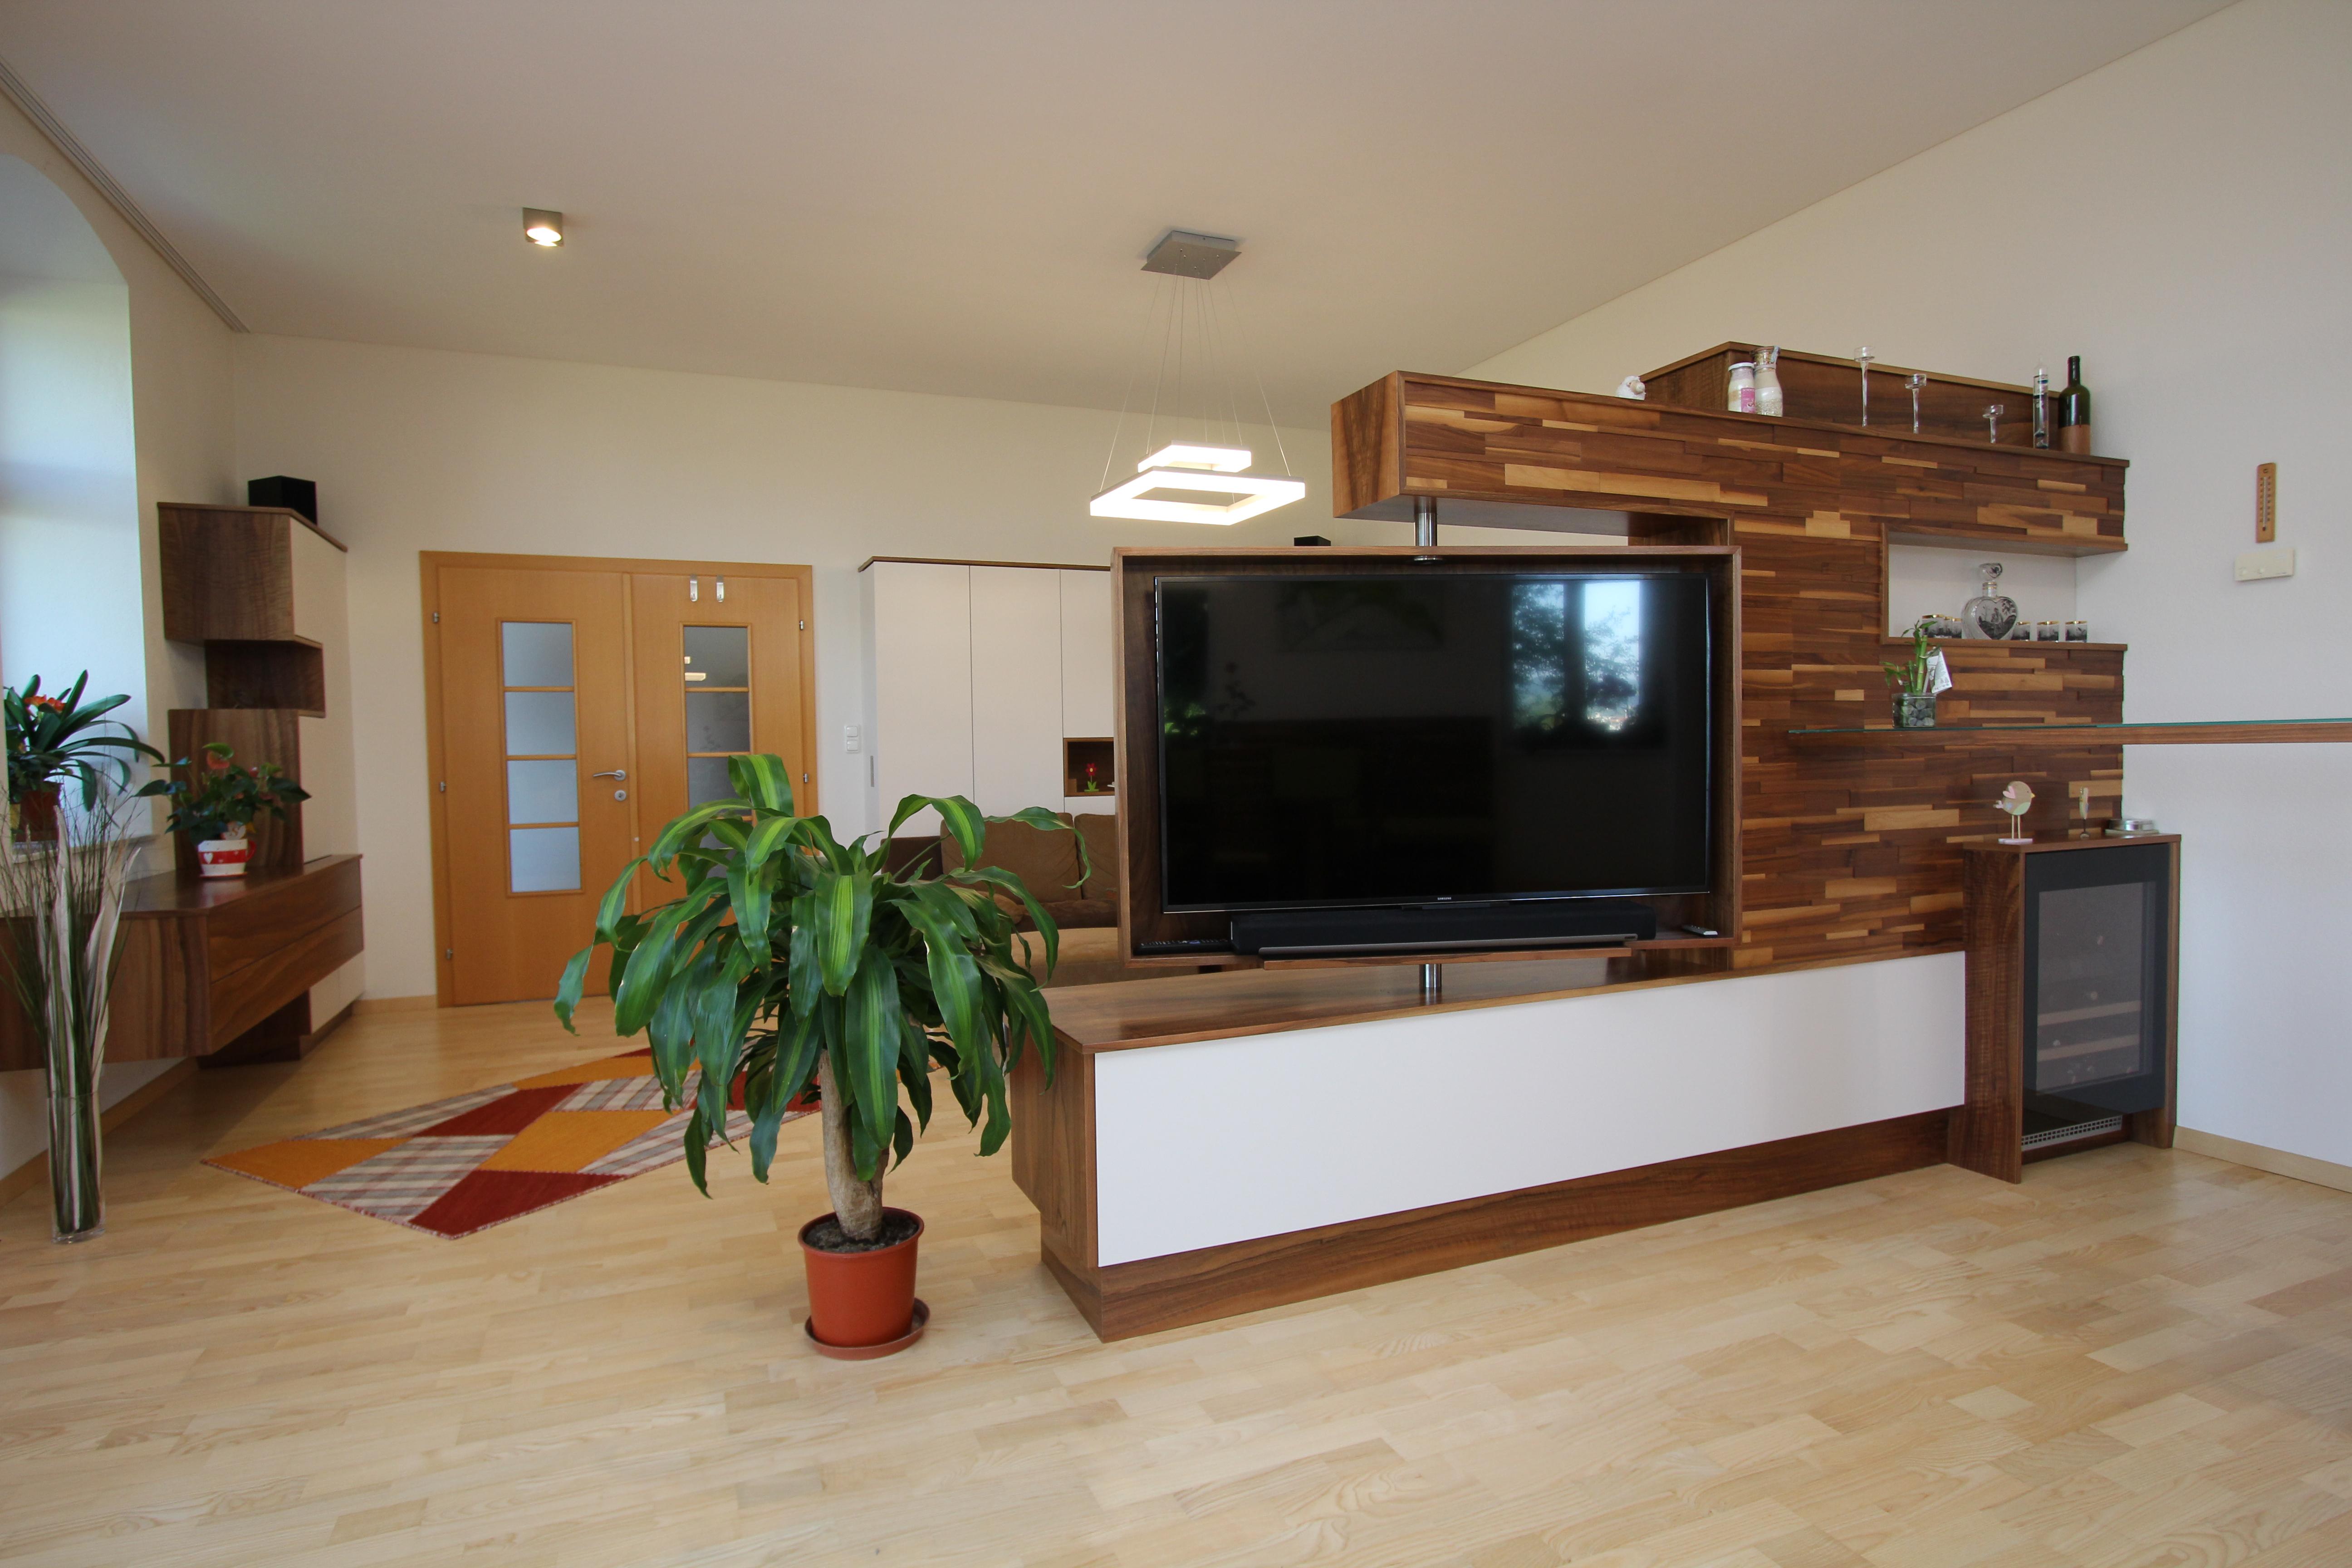 fernseher im wohnzimmer beamer oder fernseher oder beides wohnzimmer ideen fernseher. Black Bedroom Furniture Sets. Home Design Ideas